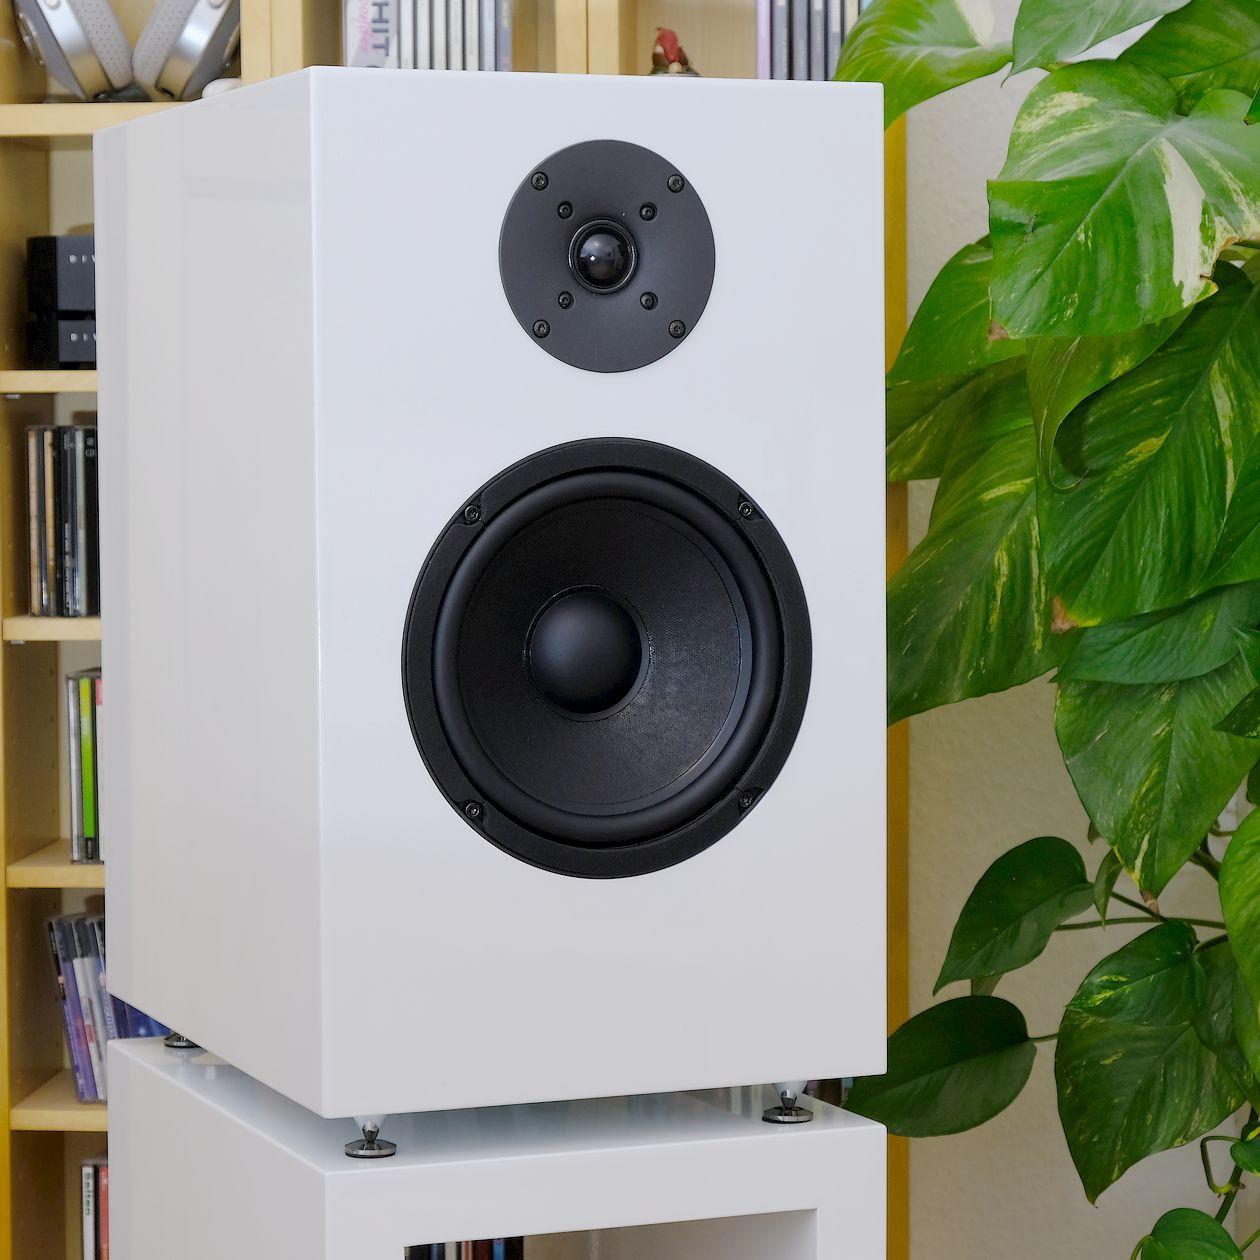 Test des 2-Wege Regallautsprecher Lautsprecher Cito Audio MODELL DBC-8K mit Compound / Isobarik Bass.